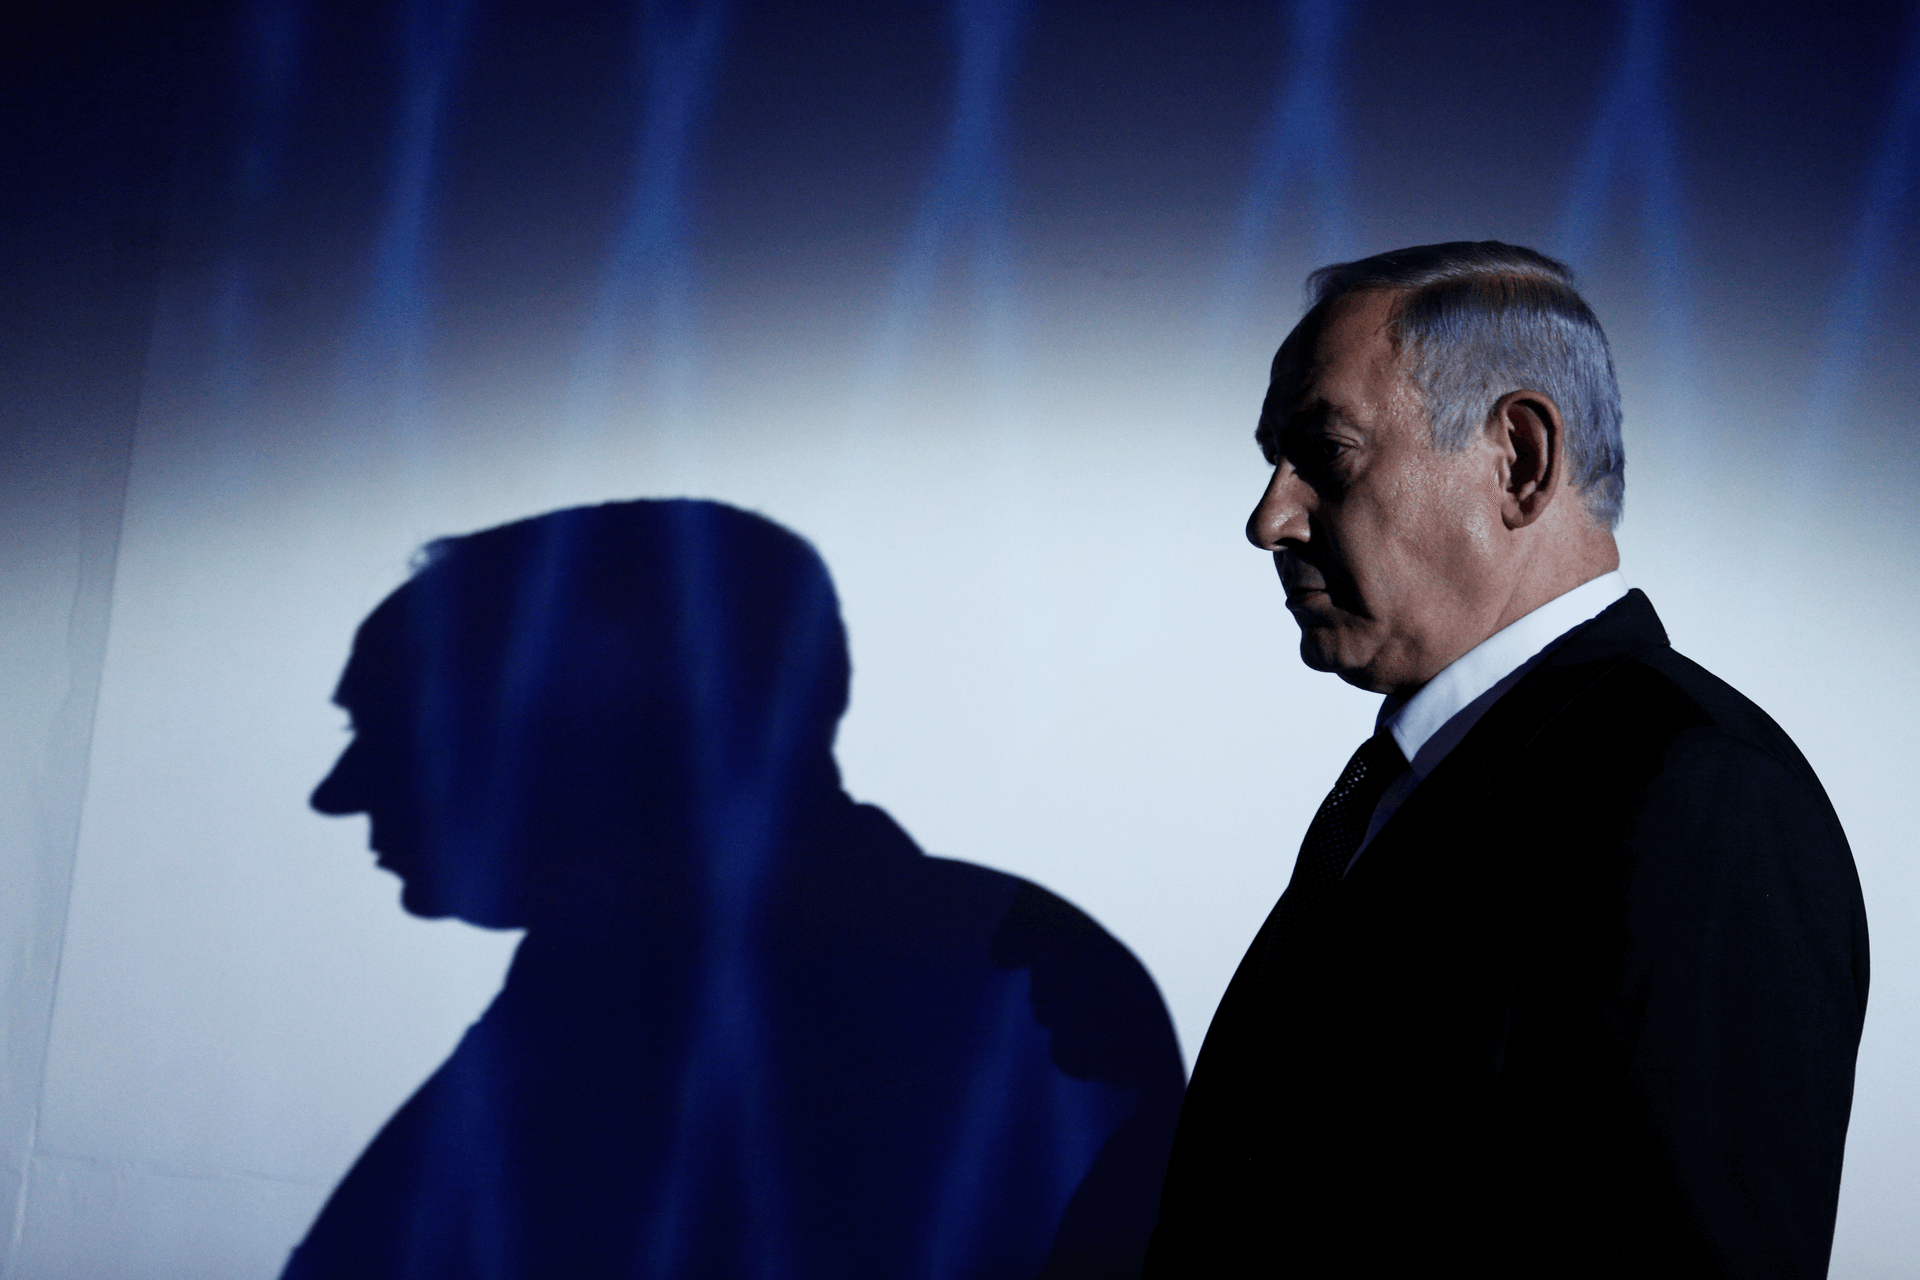 בנימין נתניהו, לשעבר ראש הממשלה. צילום: רויטרס